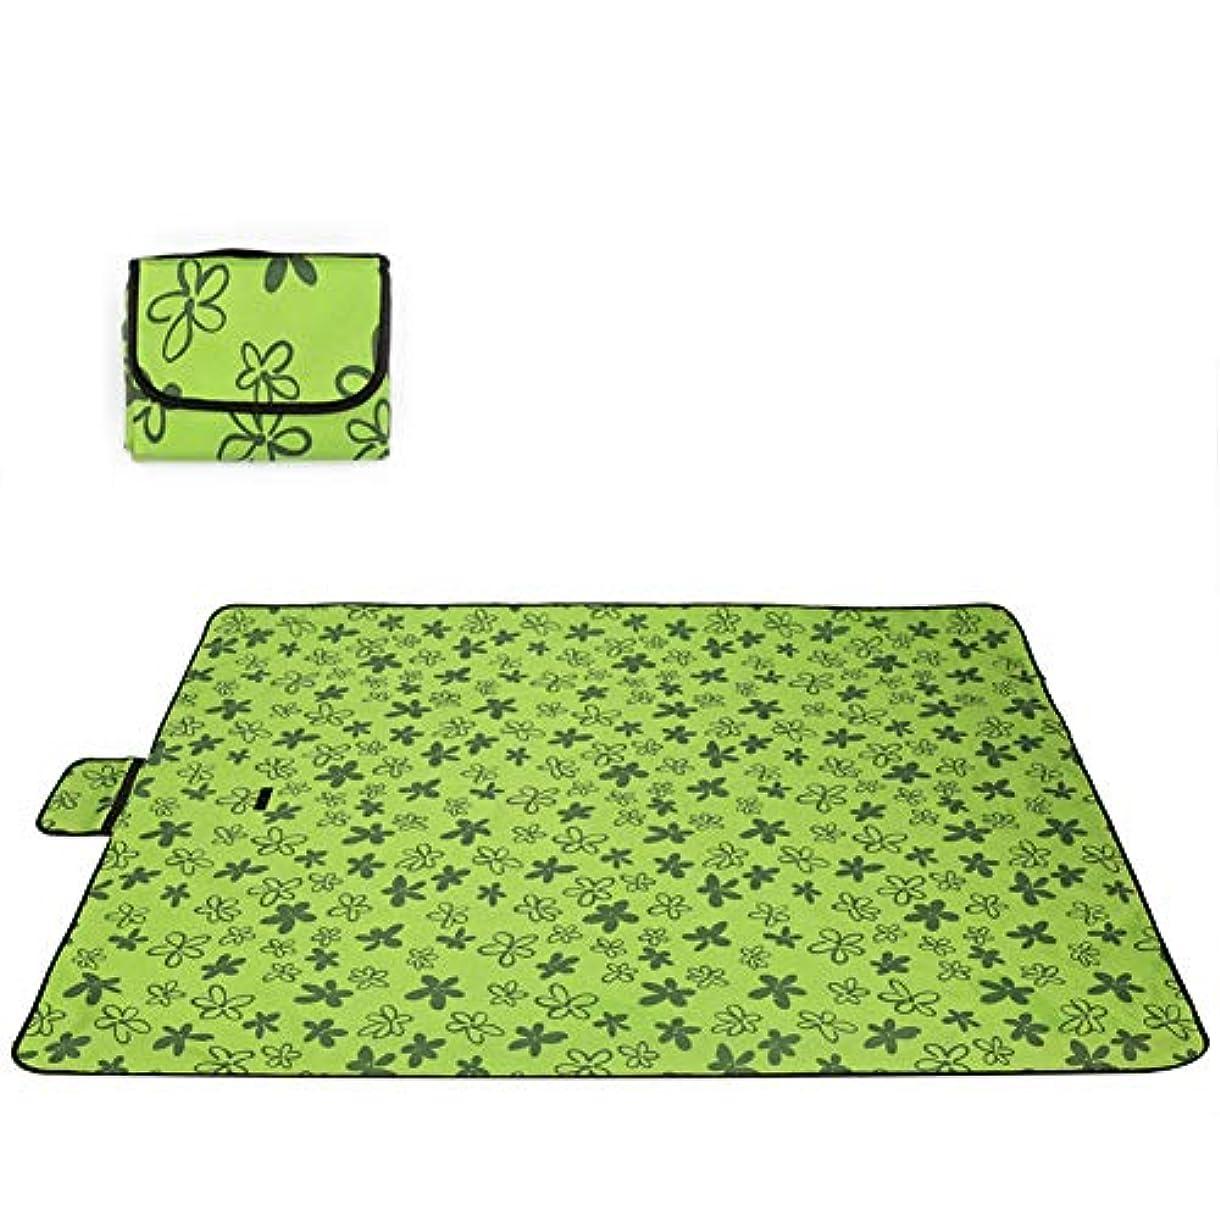 協力要求する忙しいレジャーシートピクニックマット トートキャンプカーペットピクニックブランケット防水オックスフォード布ポータブルハンディアウトドアラグ (Color : B, Size : 200x192cm)